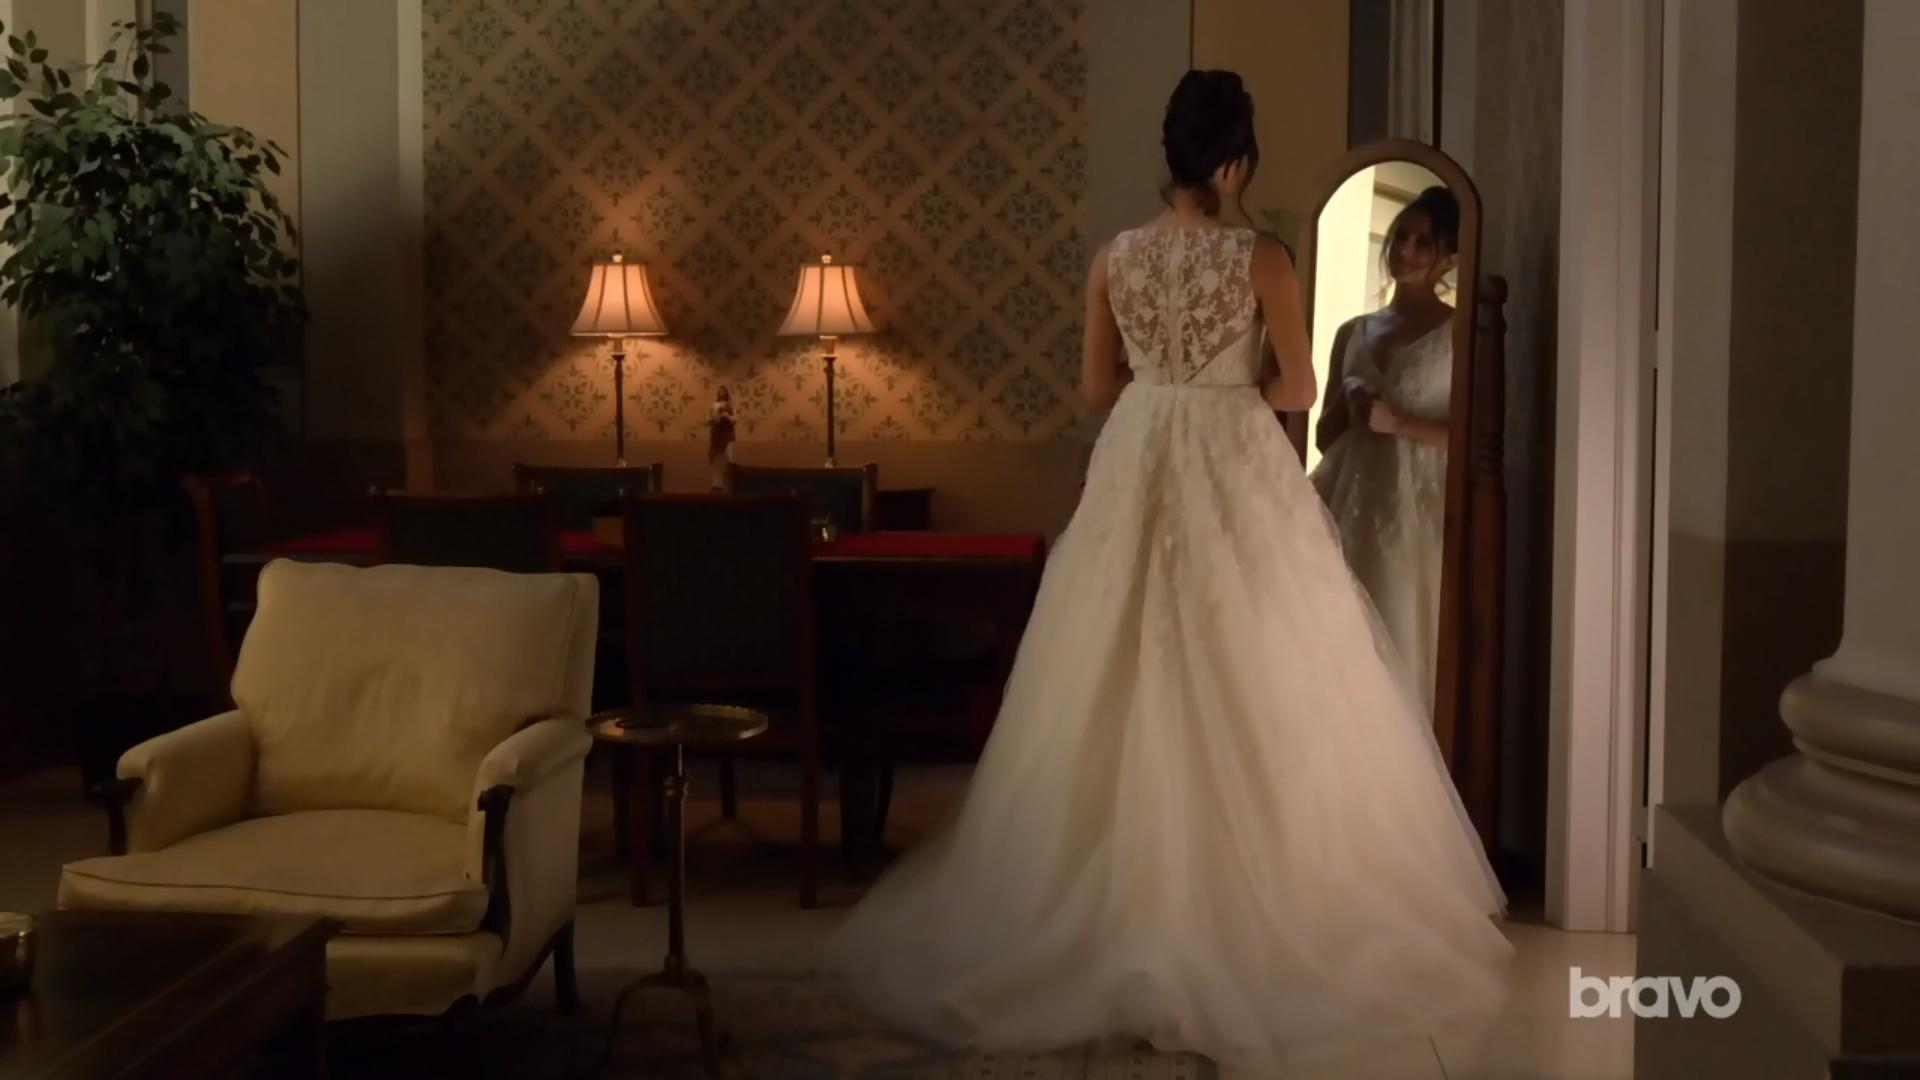 Ross Wedding Dress